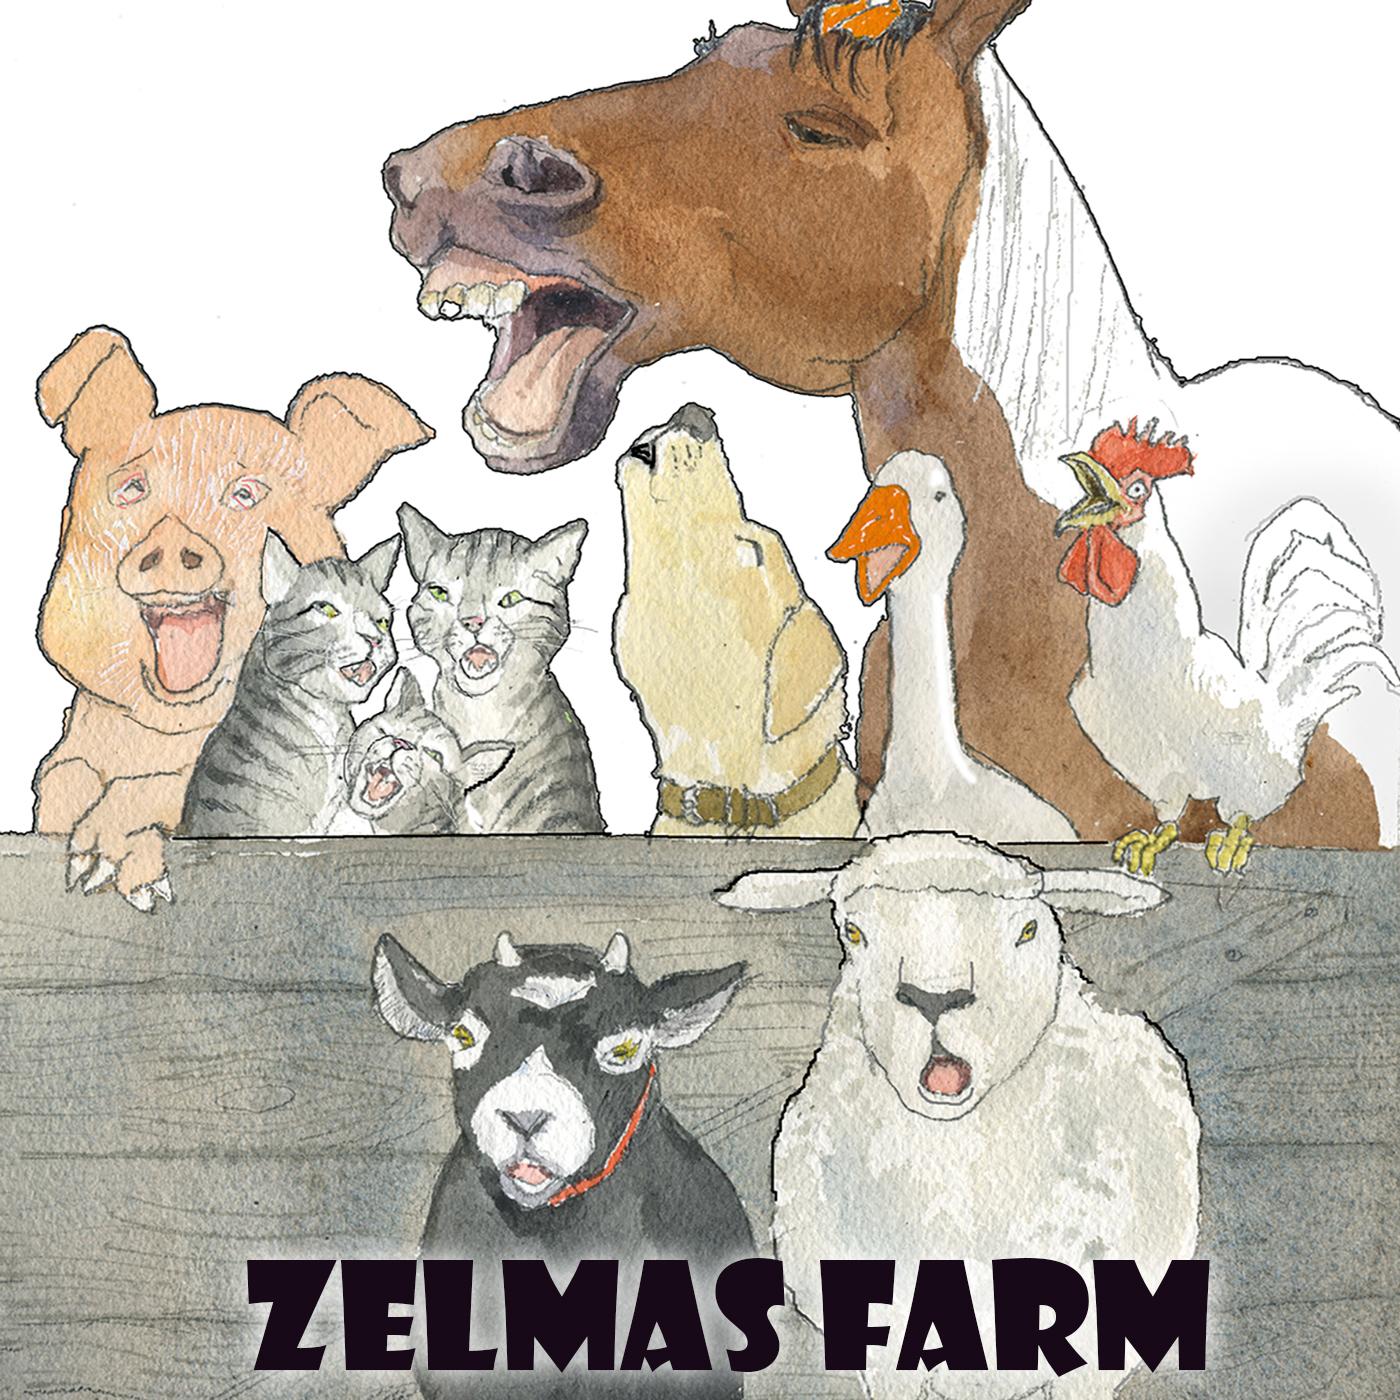 Zelmas Farm